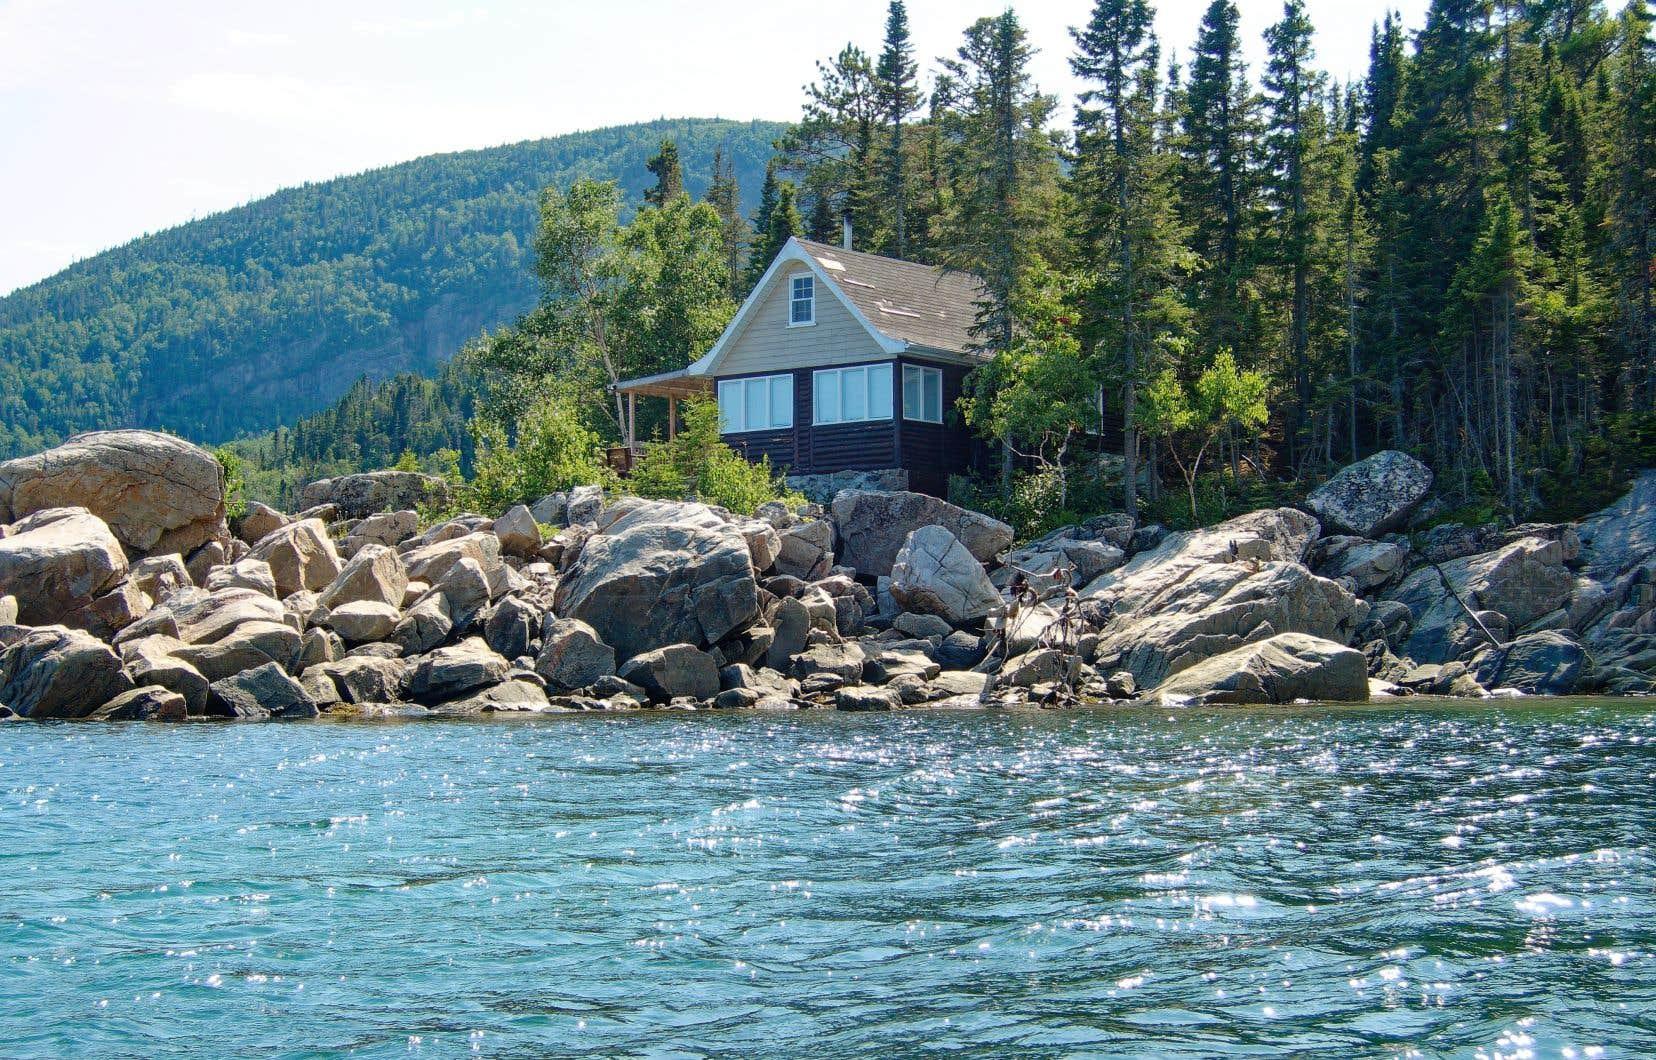 Si au Québec les cours d'eau sont publics et que l'on peut, en théorie, y circuler librement; les terres pour y accéder sont très souvent privées, constate l'autrice.